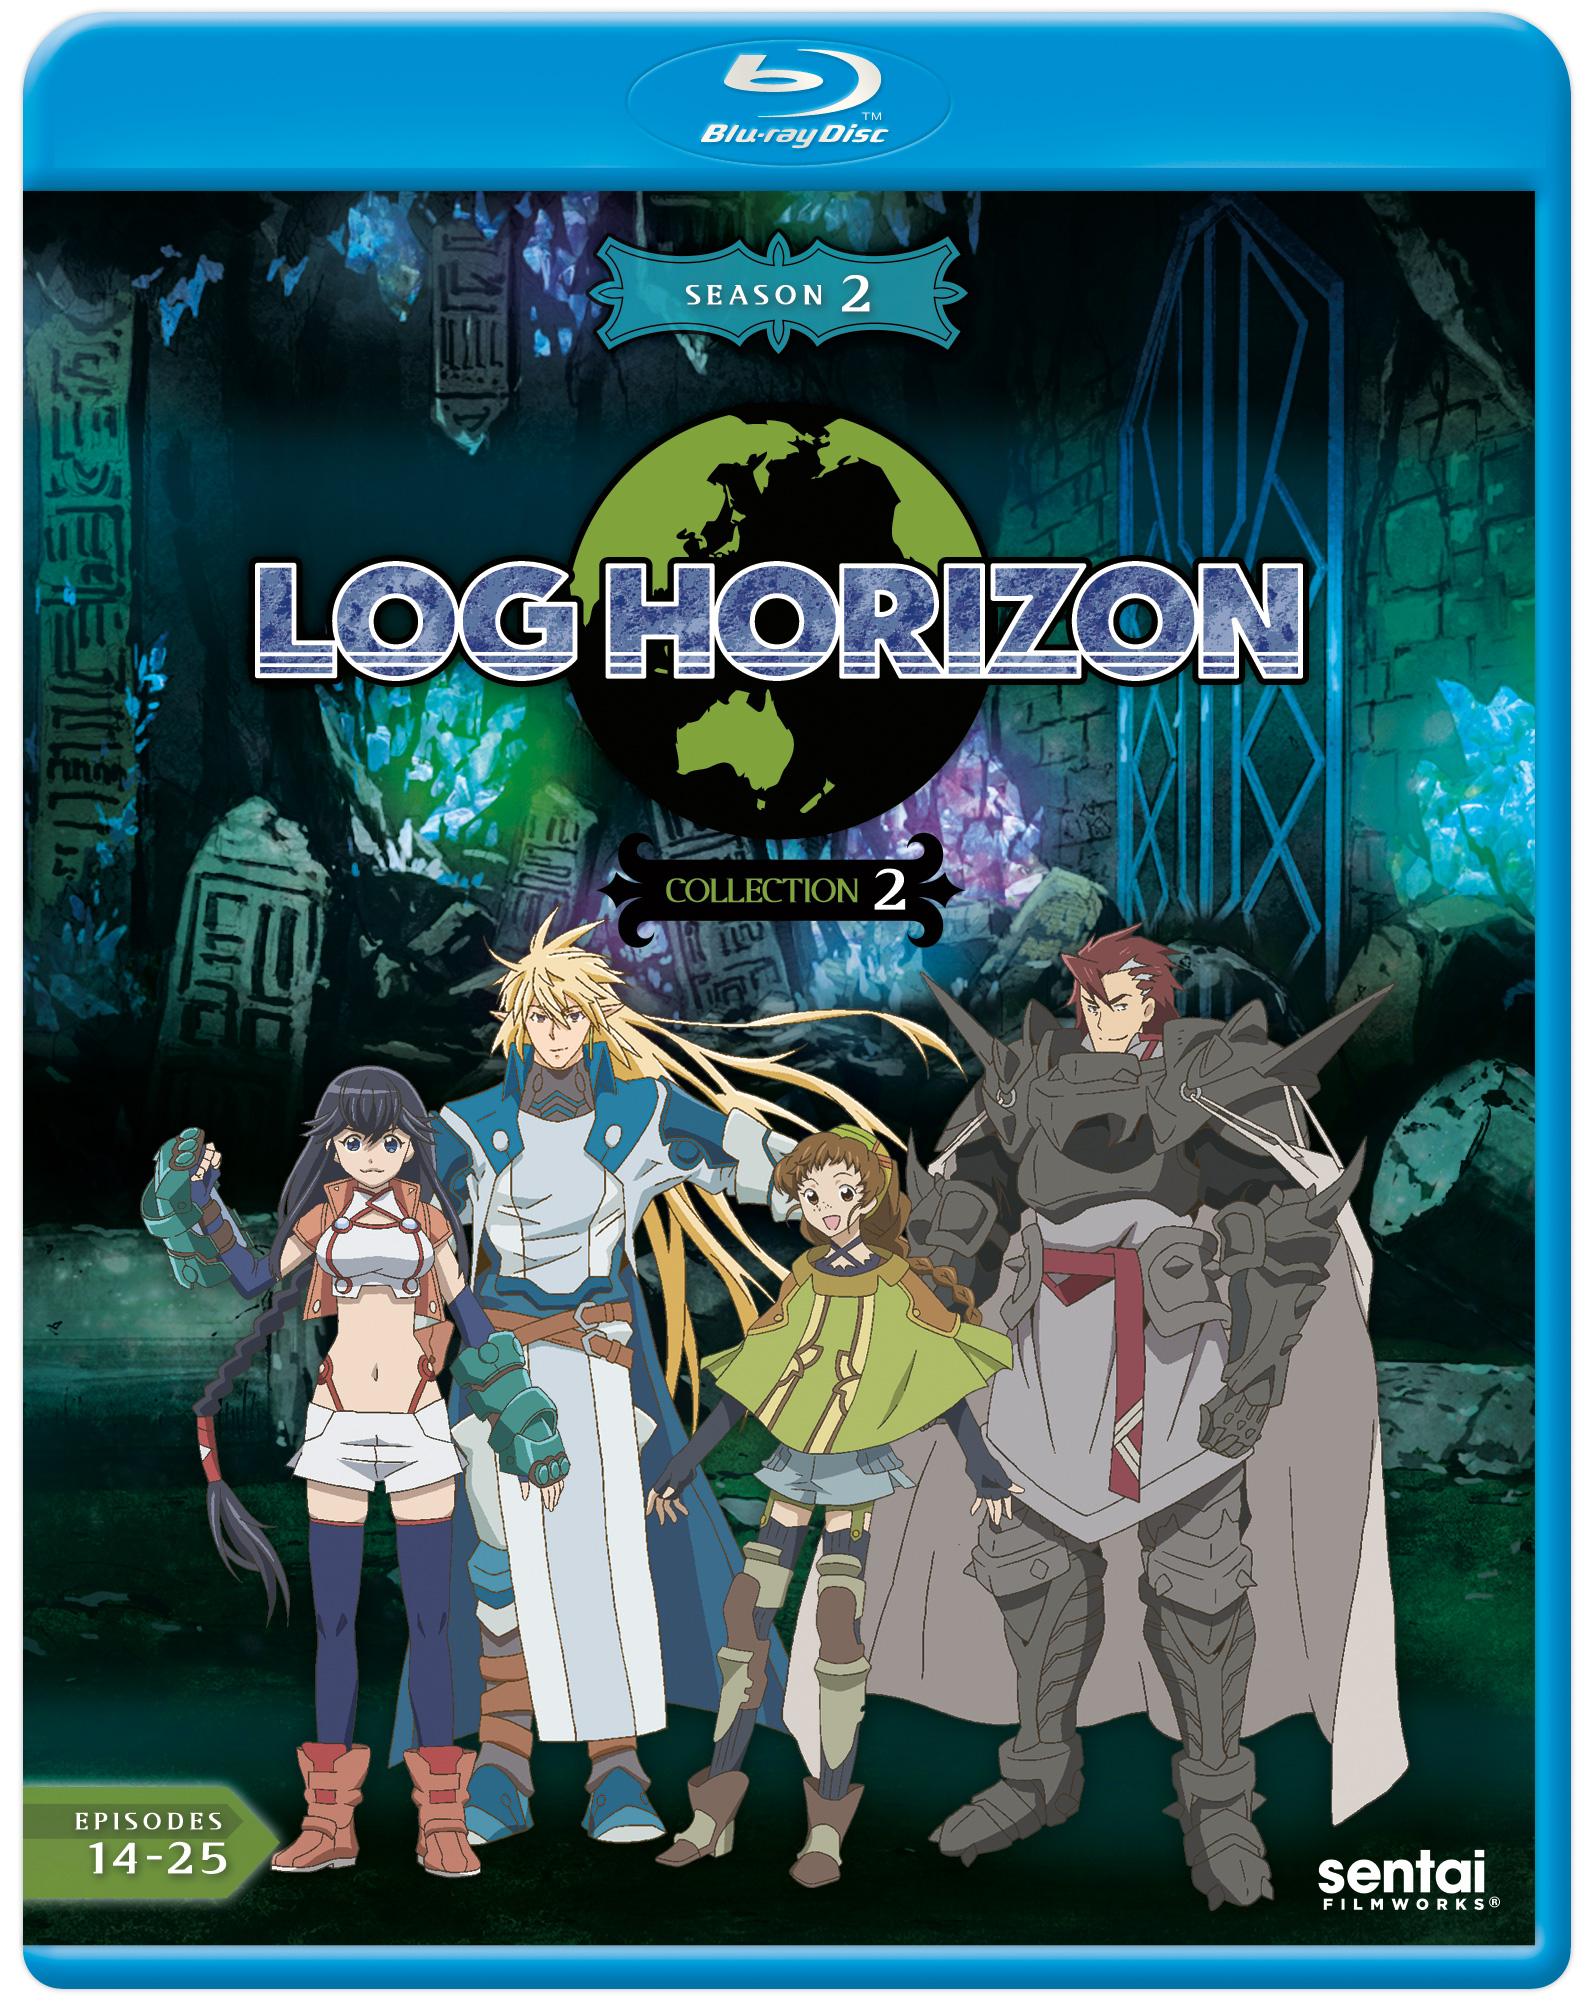 Log Horizon 2 Collection 2 Blu-ray